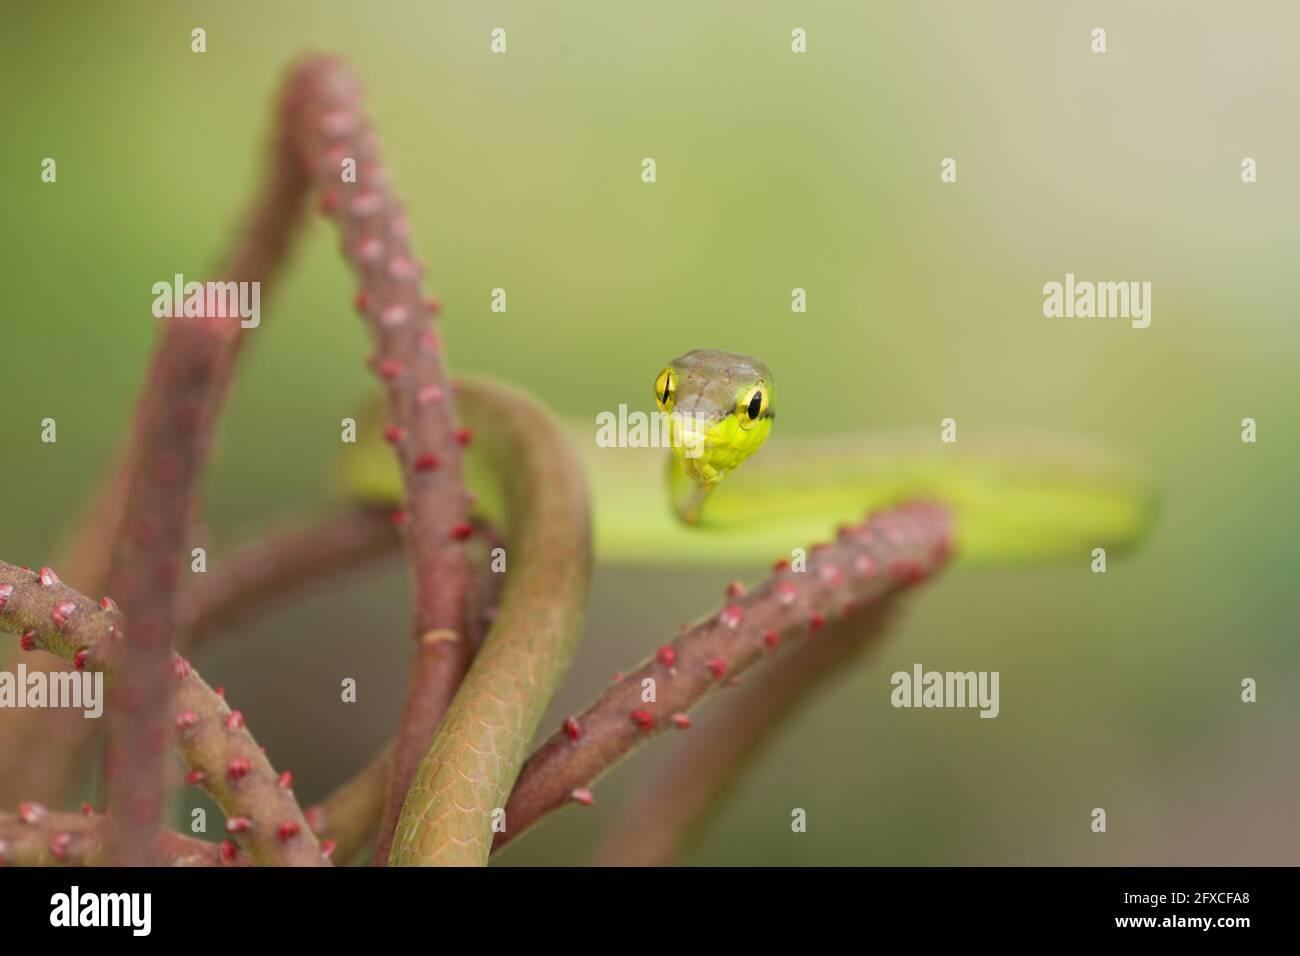 Il serpente di Vine dal naso corto - Oxybelis brevirostris, è un serpente arboreo che prede principalmente su rane e lucertole. Foto Stock